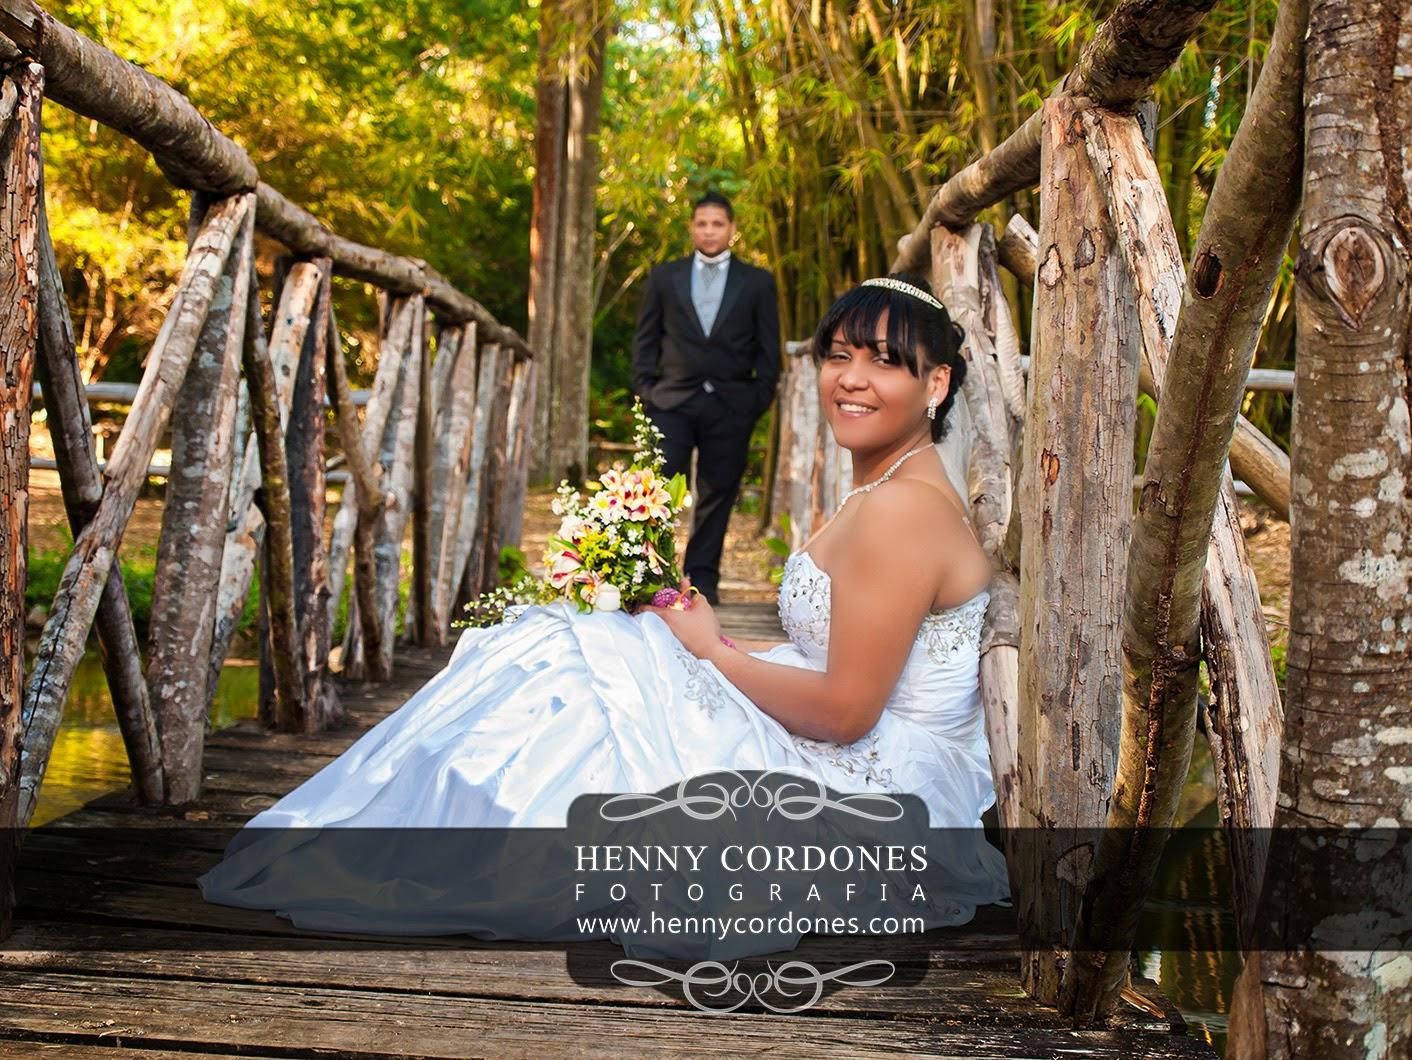 Henny cordones fotograf a abril 2014 for Bodas jardin botanico